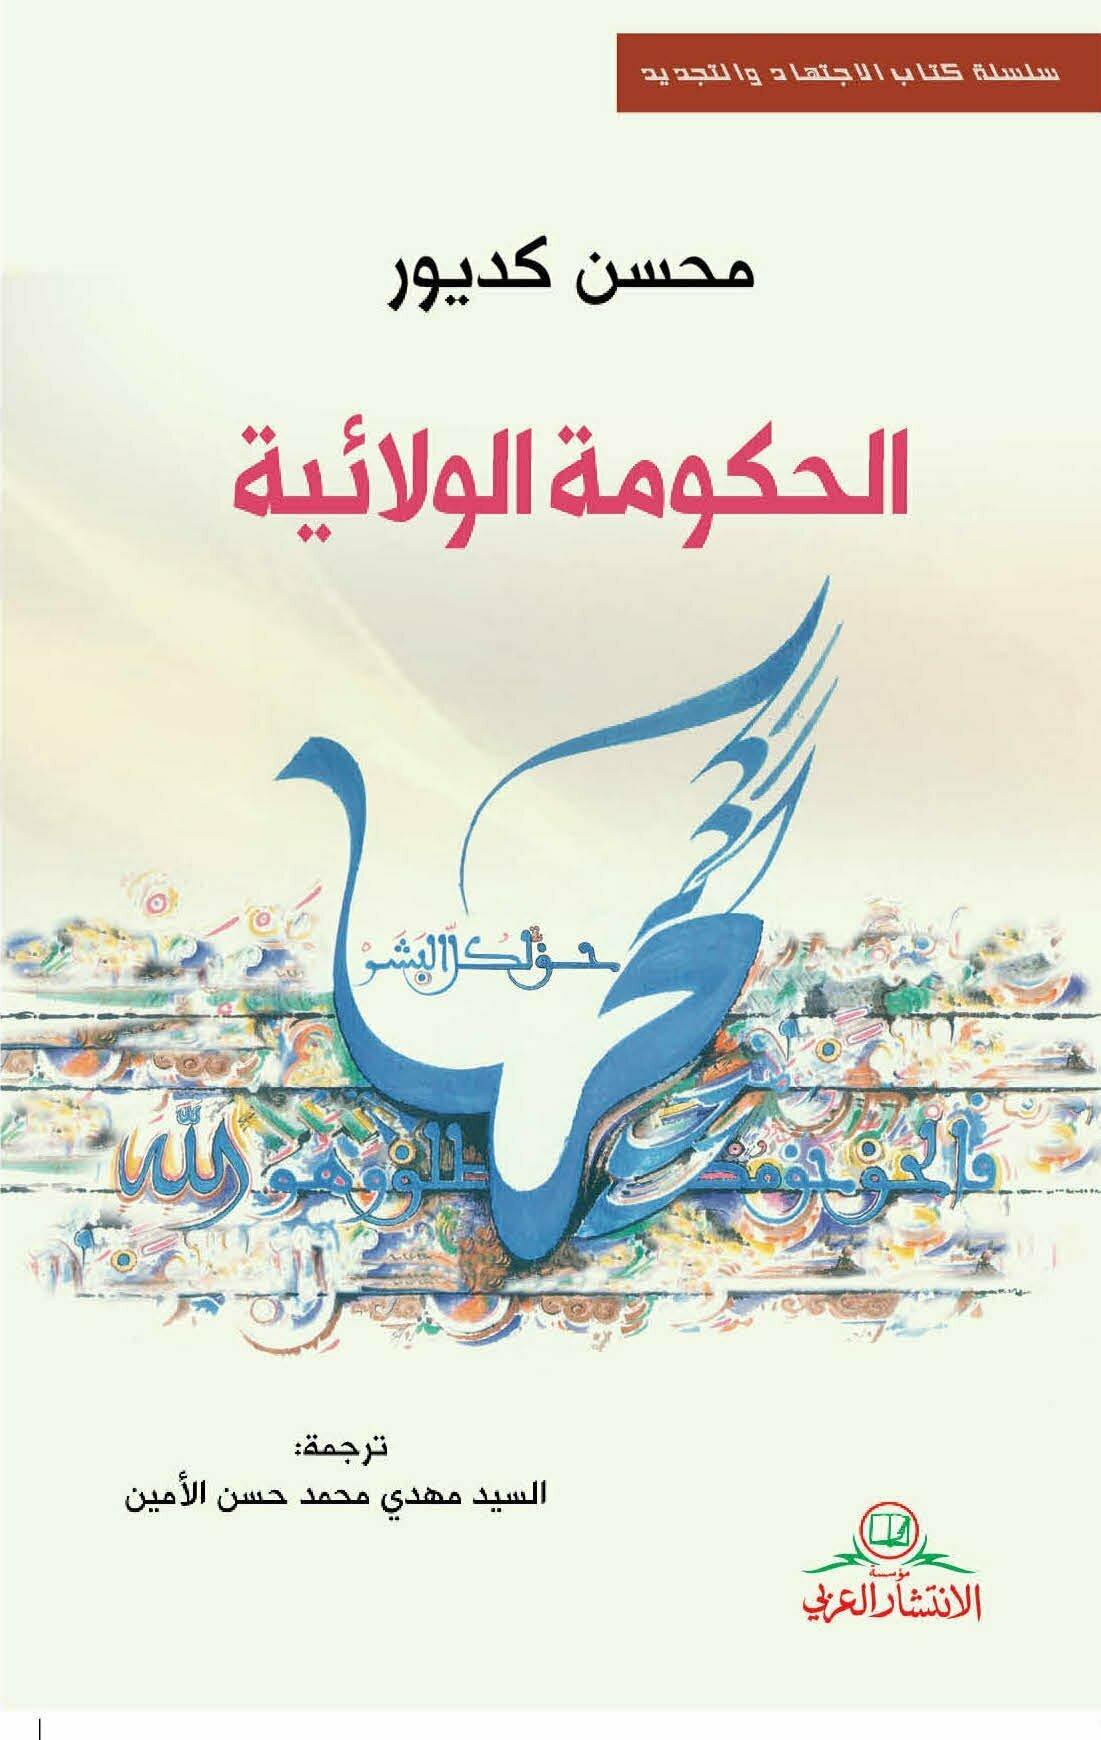 انتشار ترجمهی عربی کتاب حکومت ولائی در بیروت